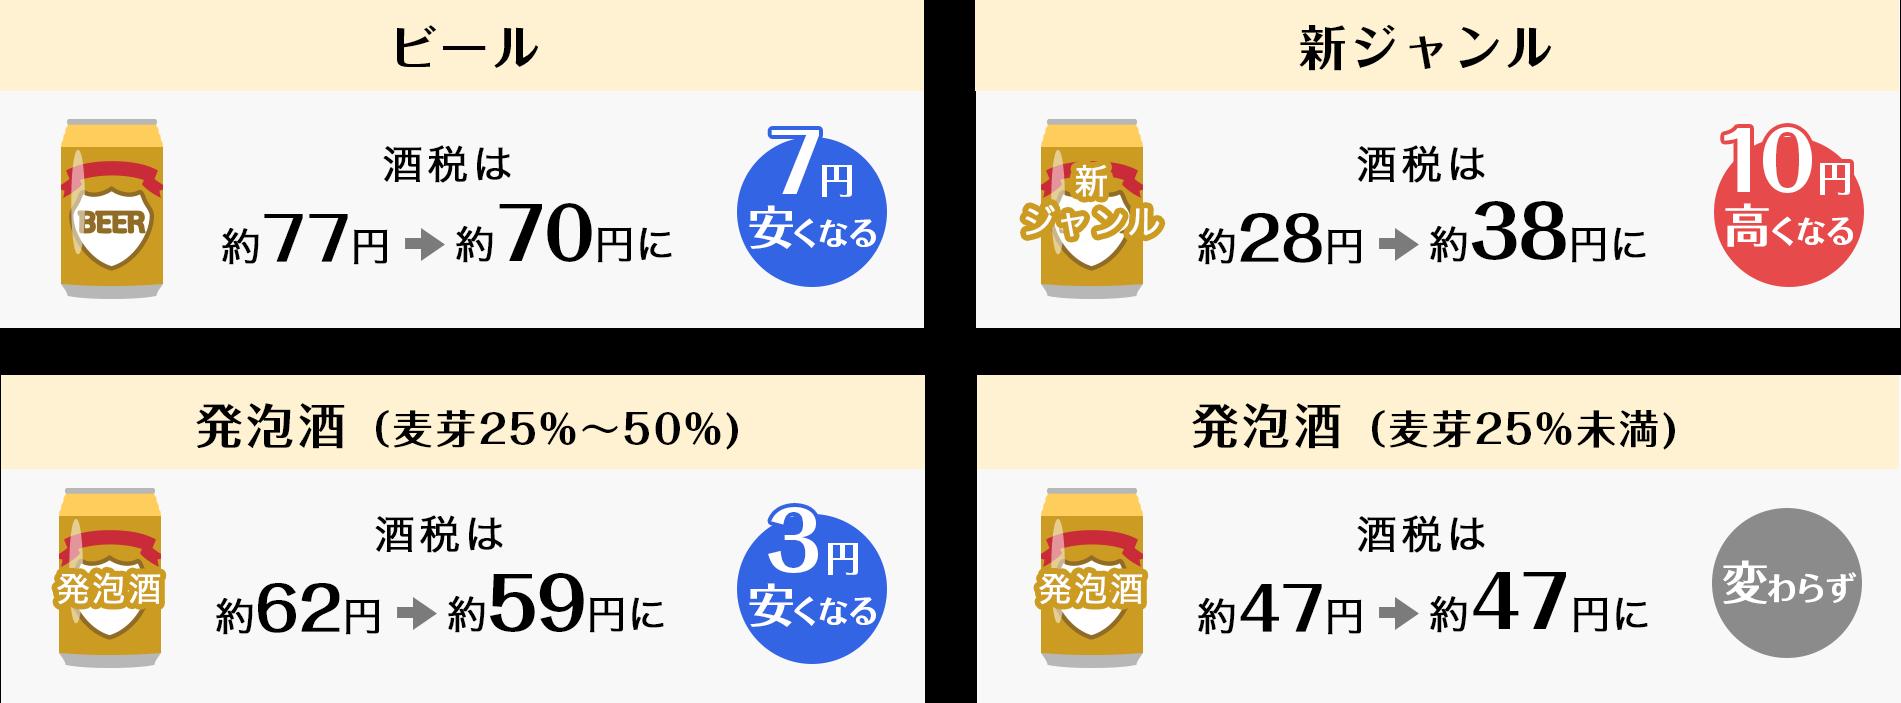 ビール系飲料の税率比較表